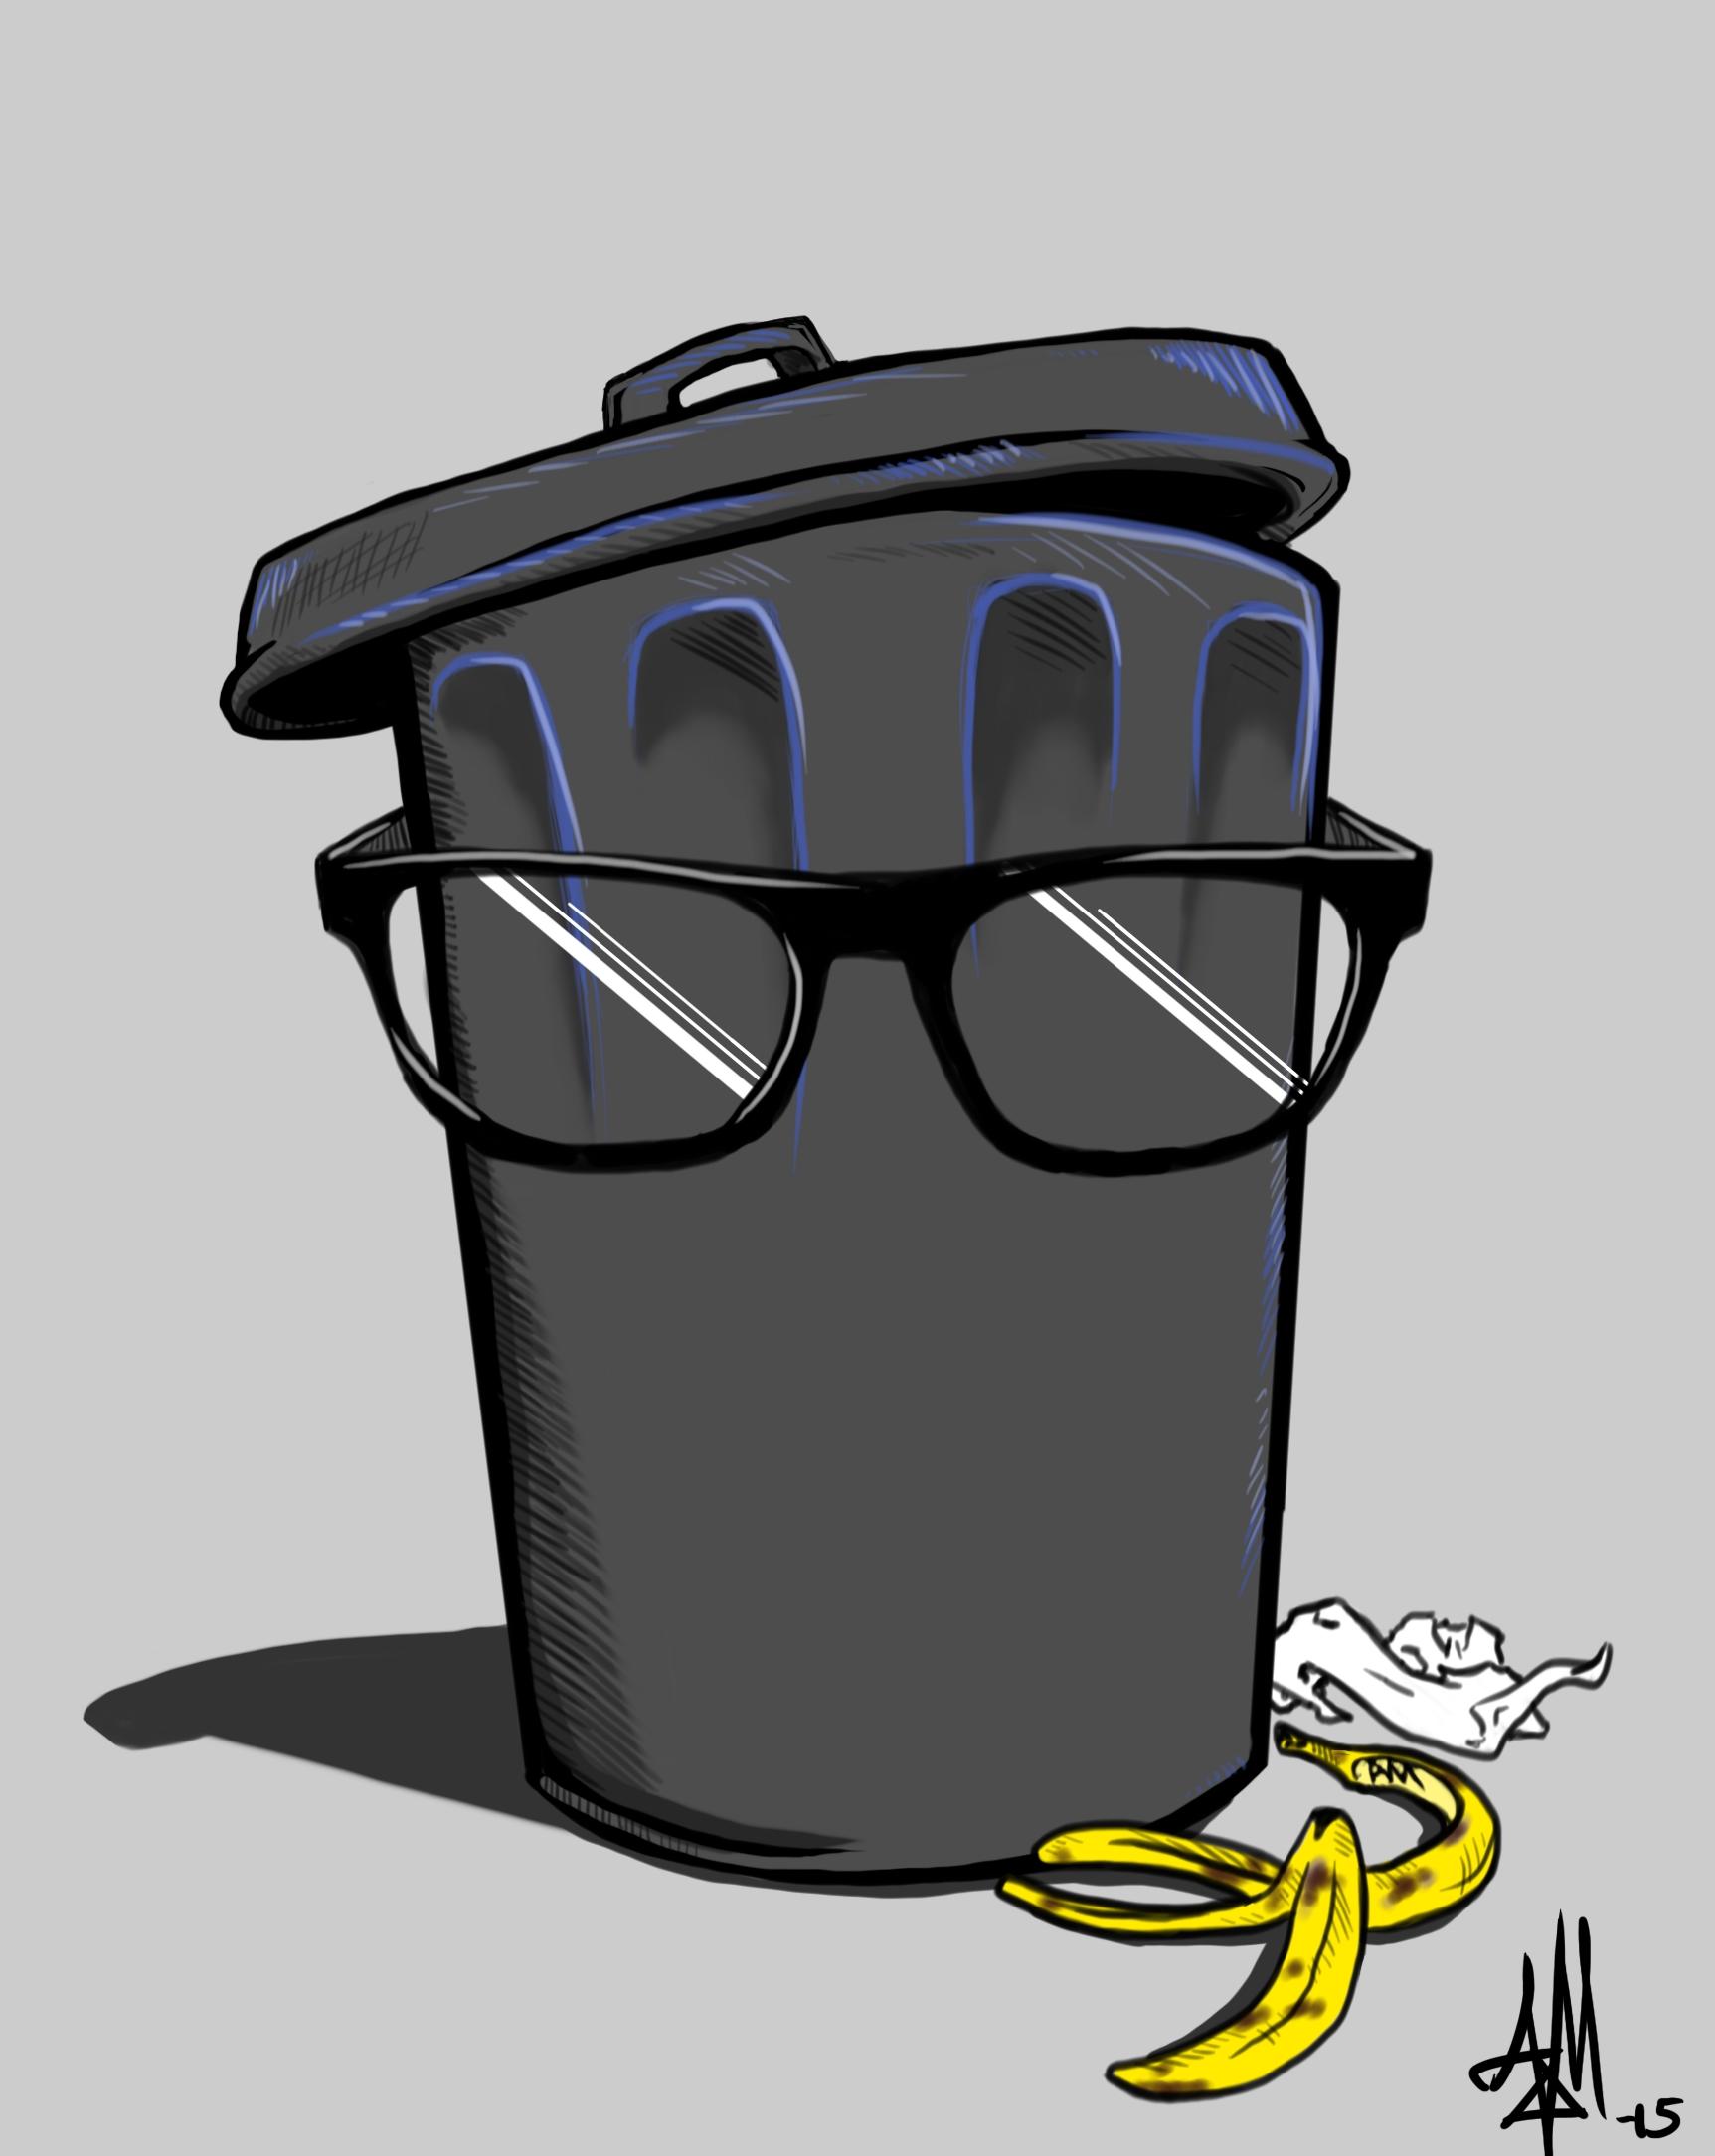 TJ is Garbage.